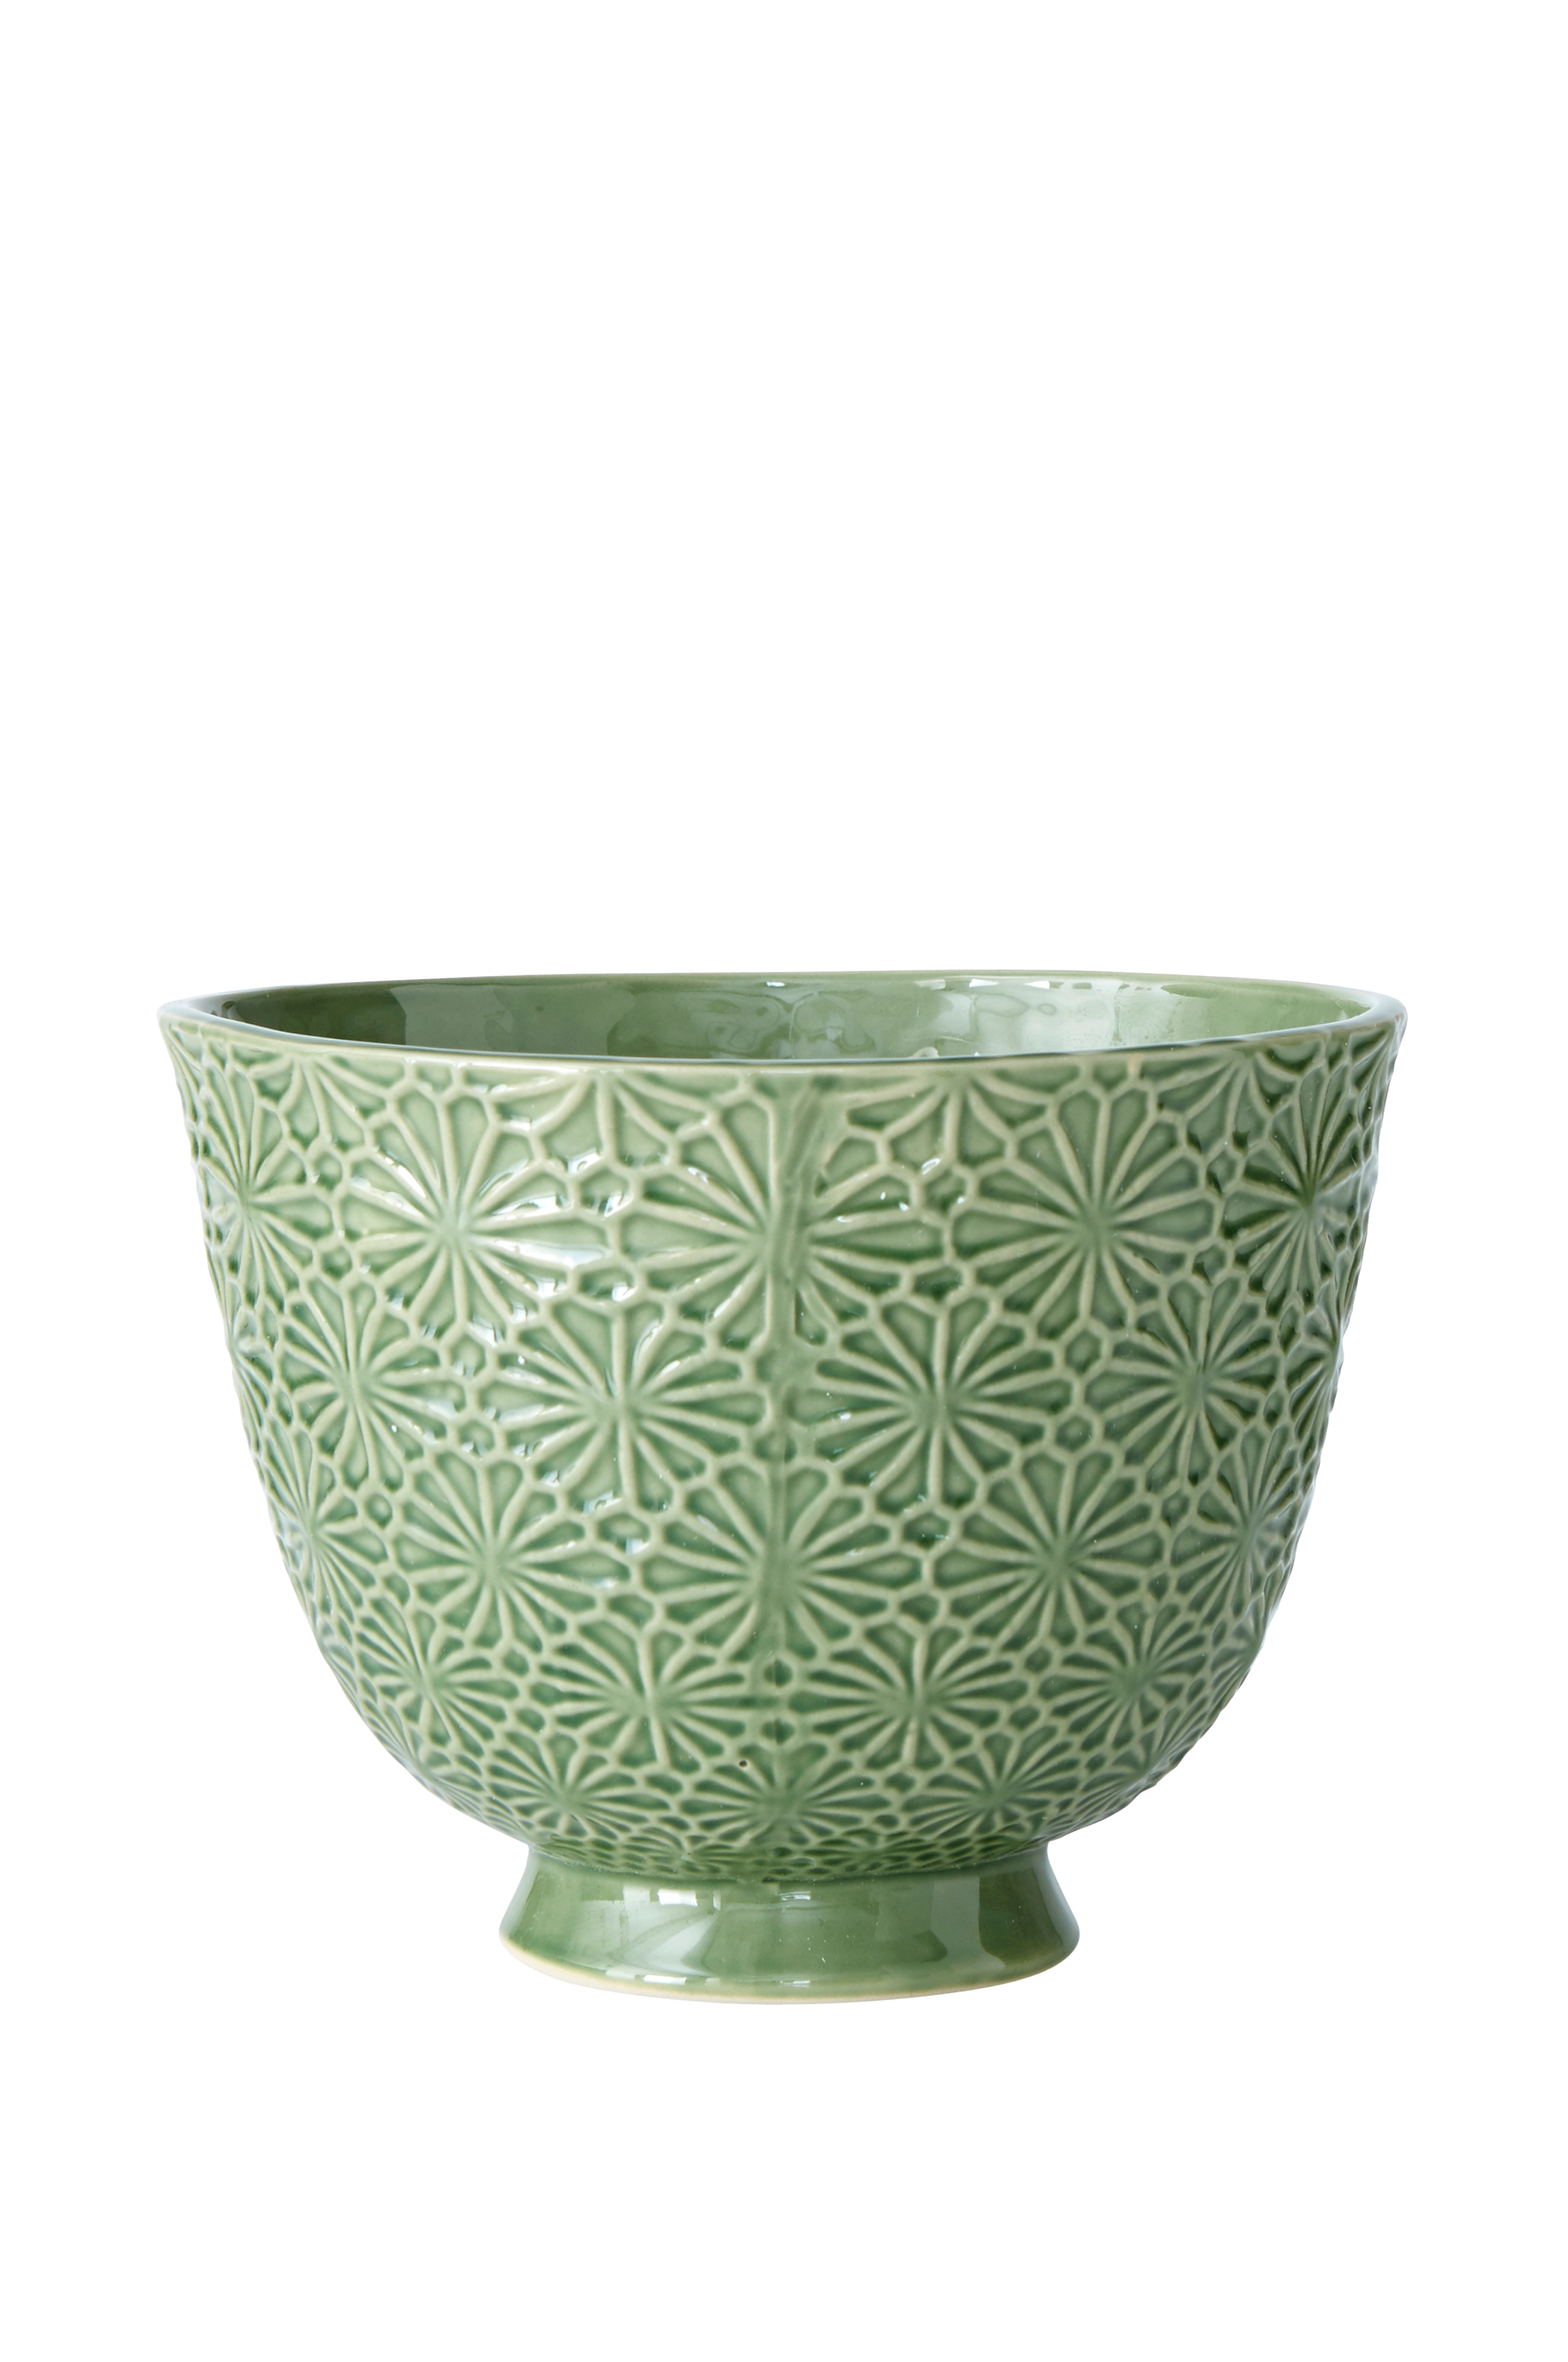 Krukke på fod. Af glaseret keramik med reliefmønster. Ø toppen 24 cm. Højde 18 cm. Små variationer i farve og størrelse kan forekomme.